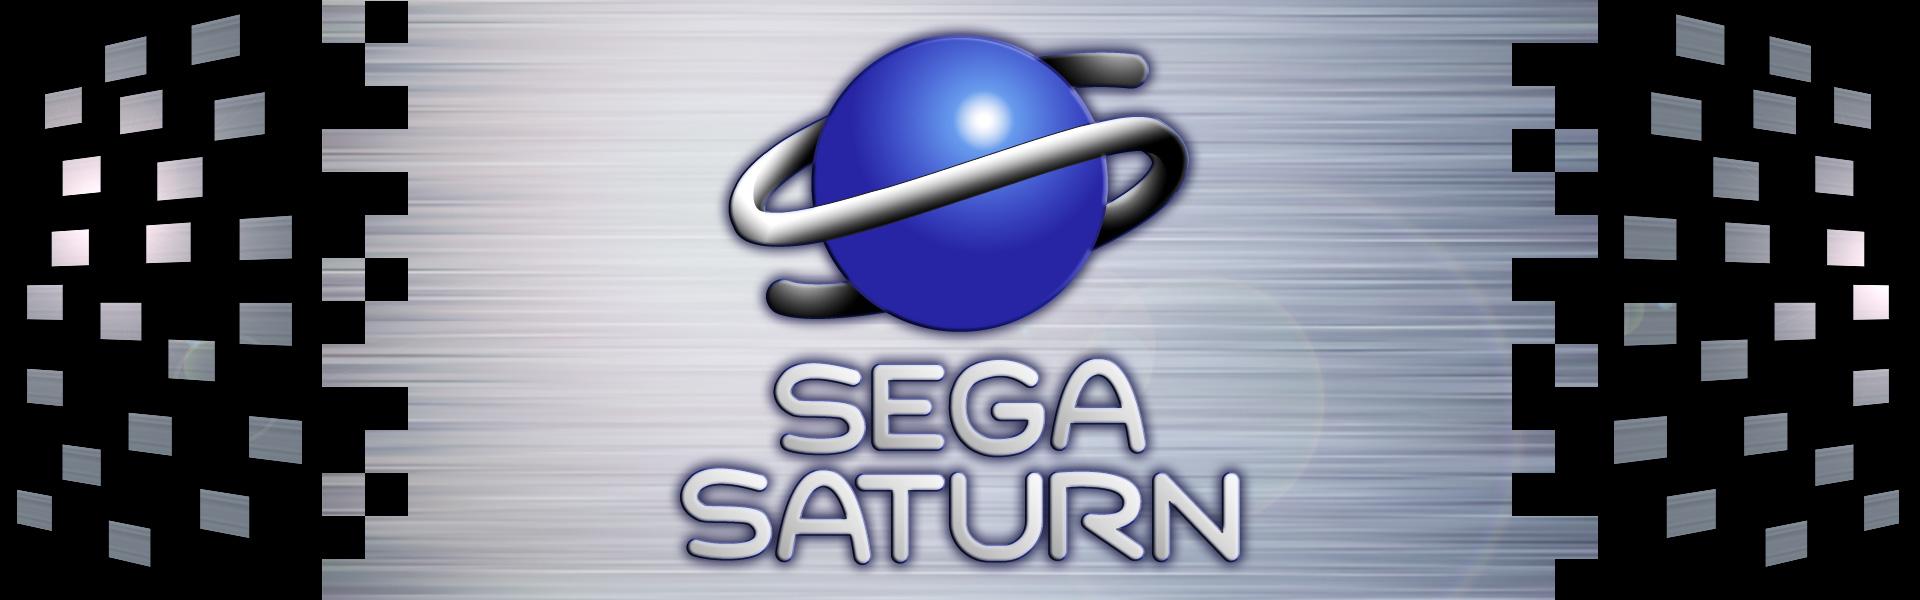 Ep_4_Sega_Saturn_1920x600